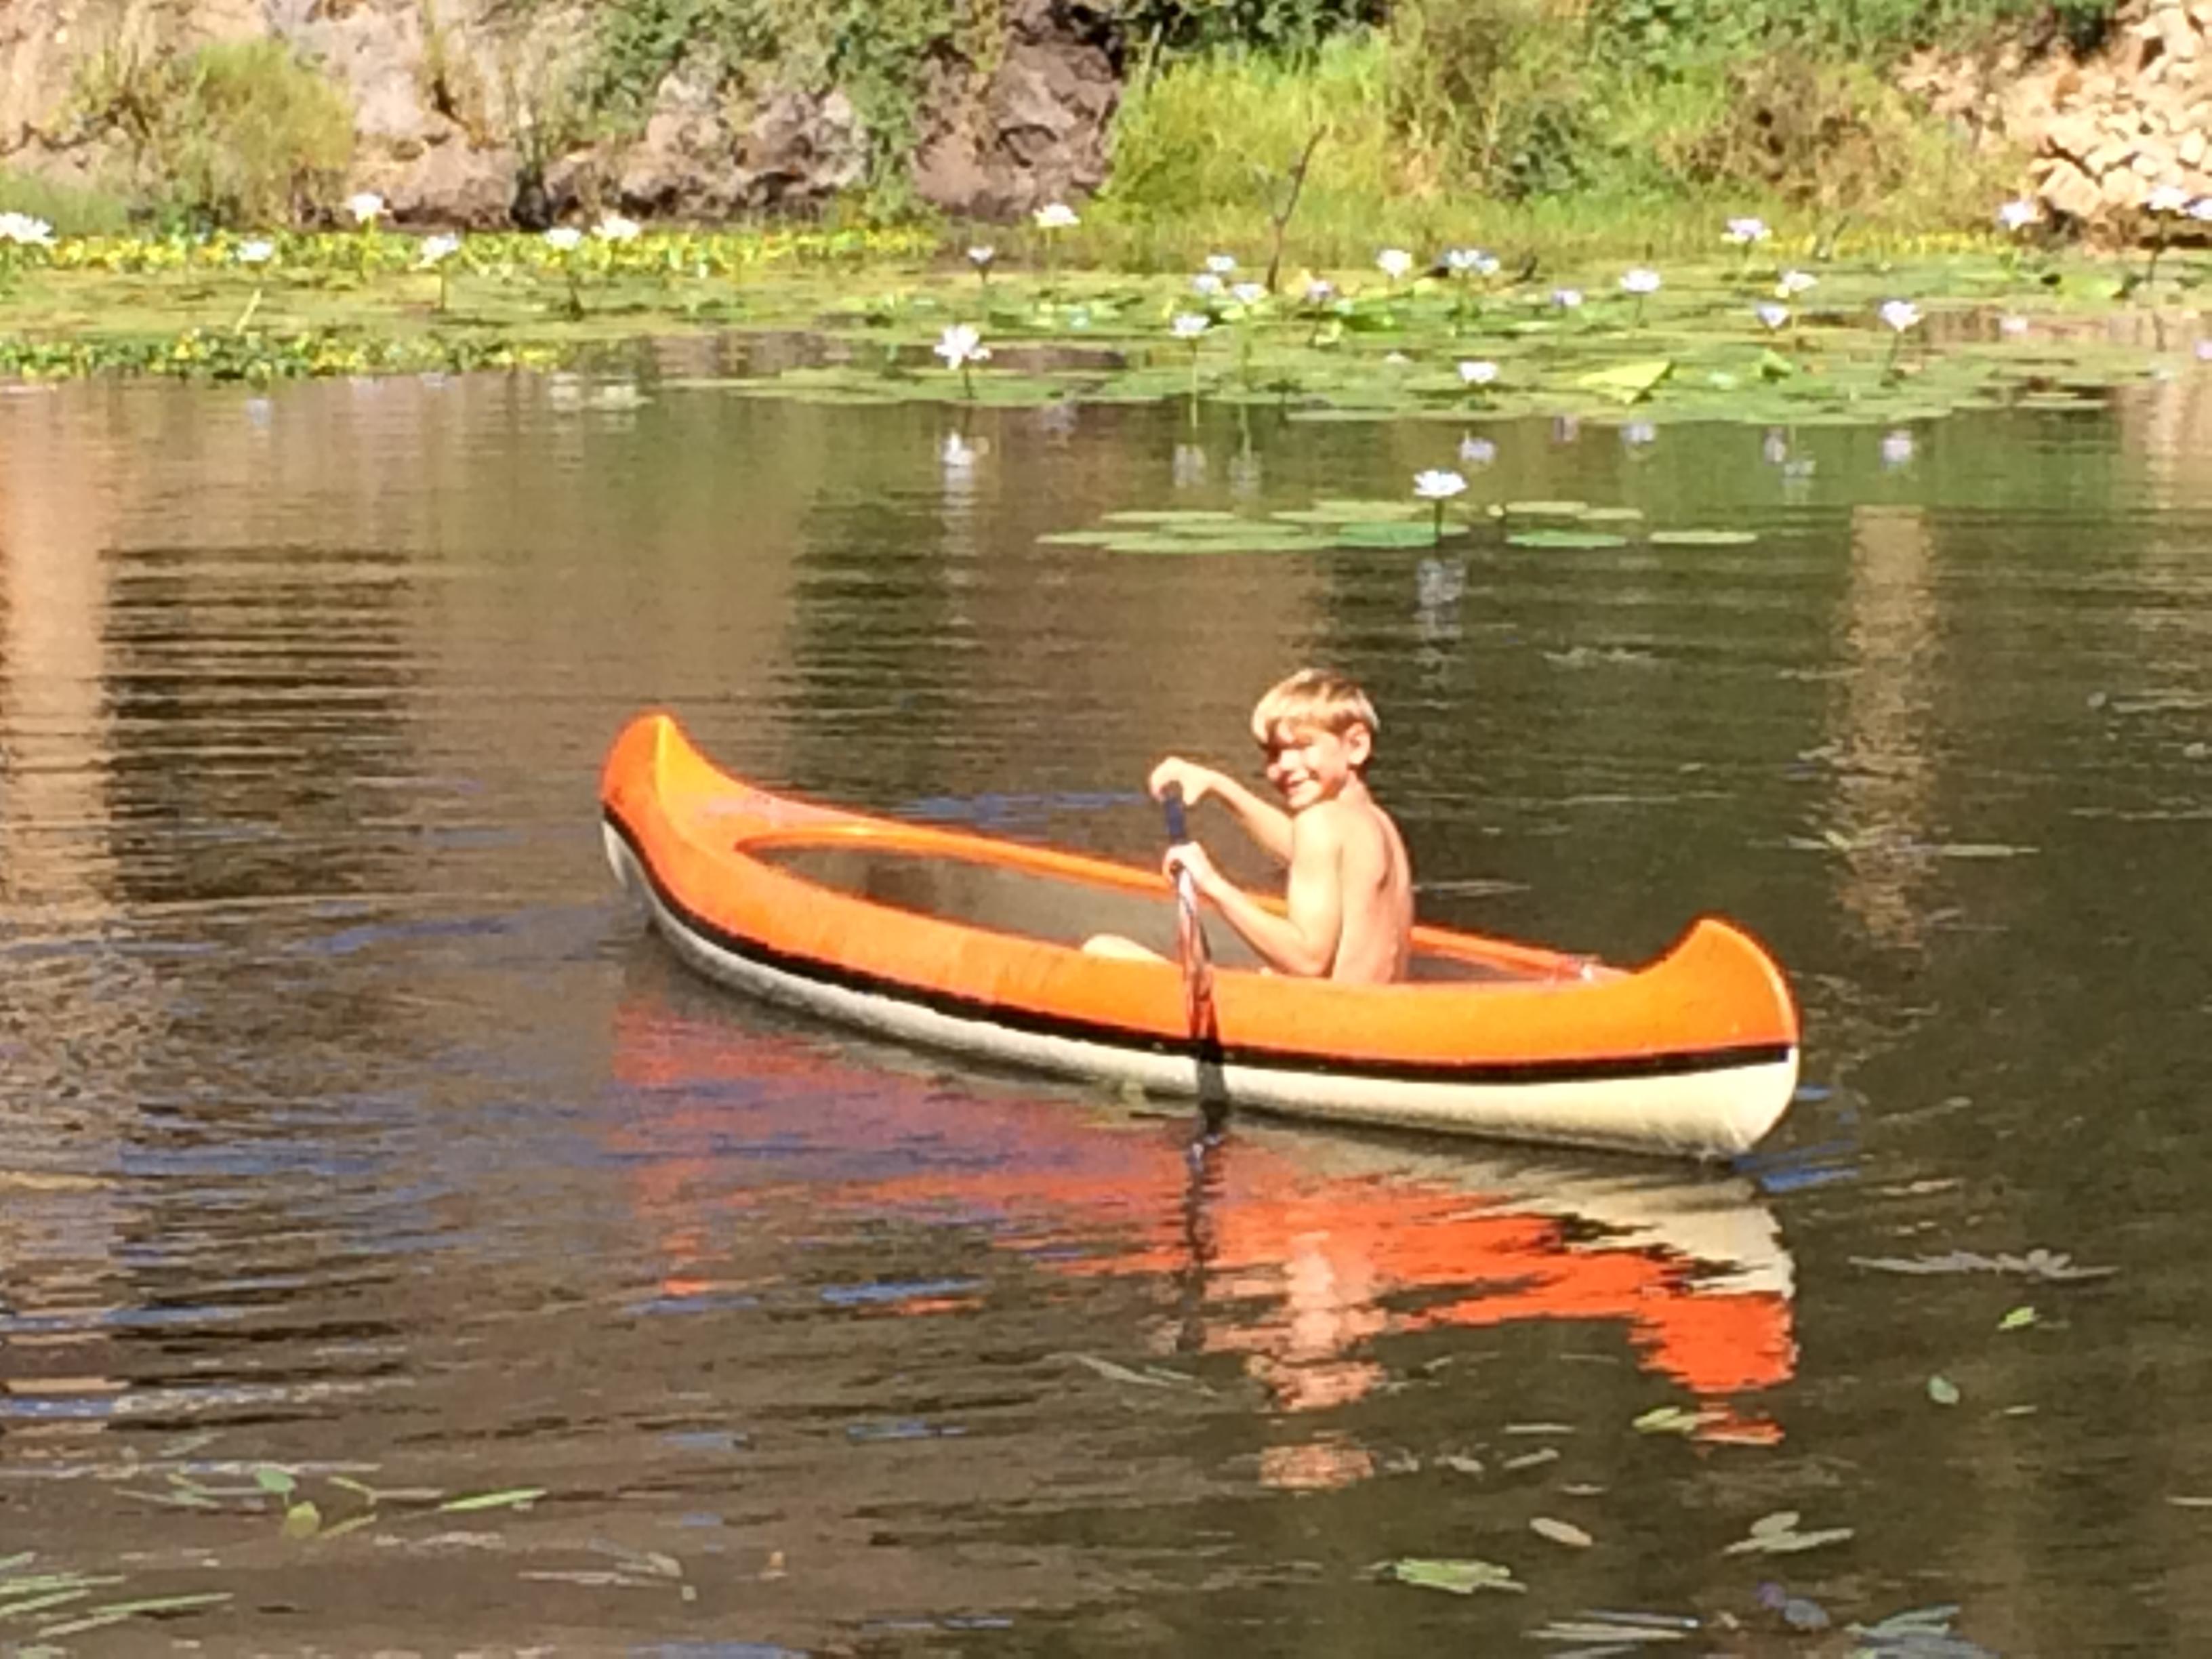 Koningkop 4x4 - Canoe